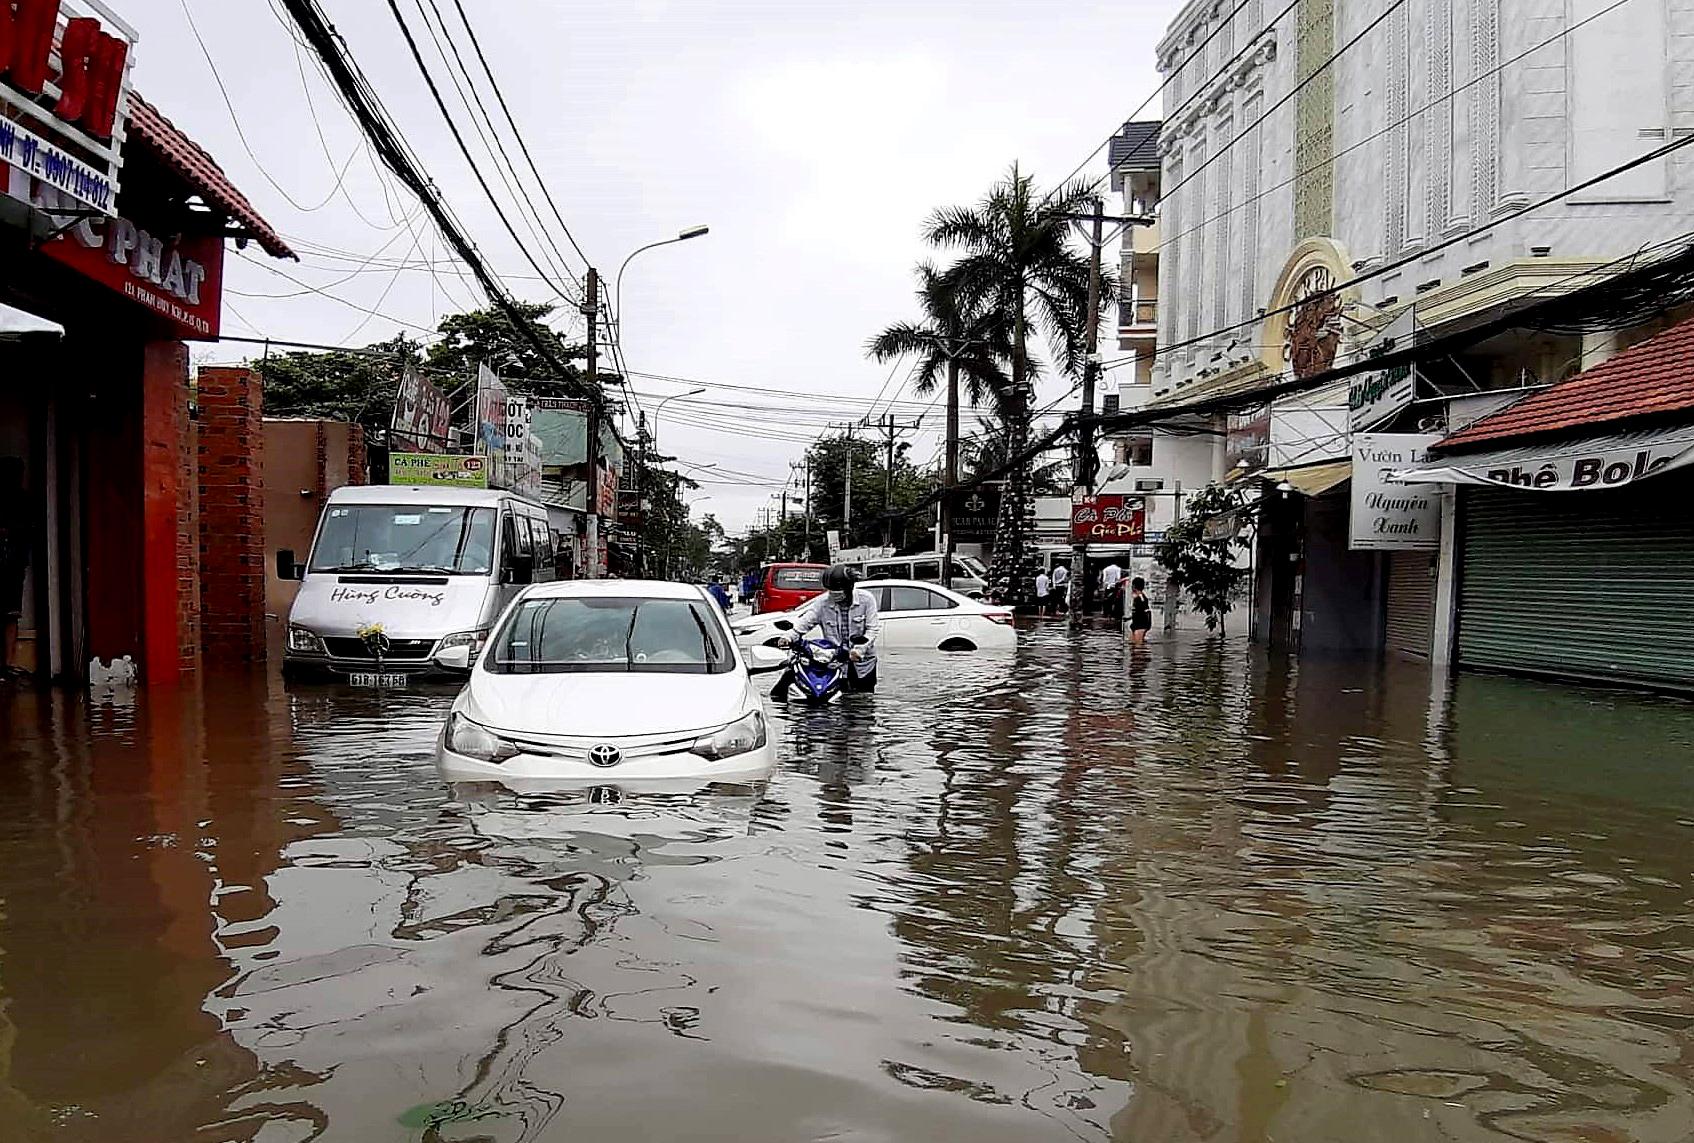 Sau một đêm tơi tả trong bão lịch sử, người Sài Gòn tiếp tục thở không ra hơi vì ngập nước kẹt xe nhiều giờ - Ảnh 6